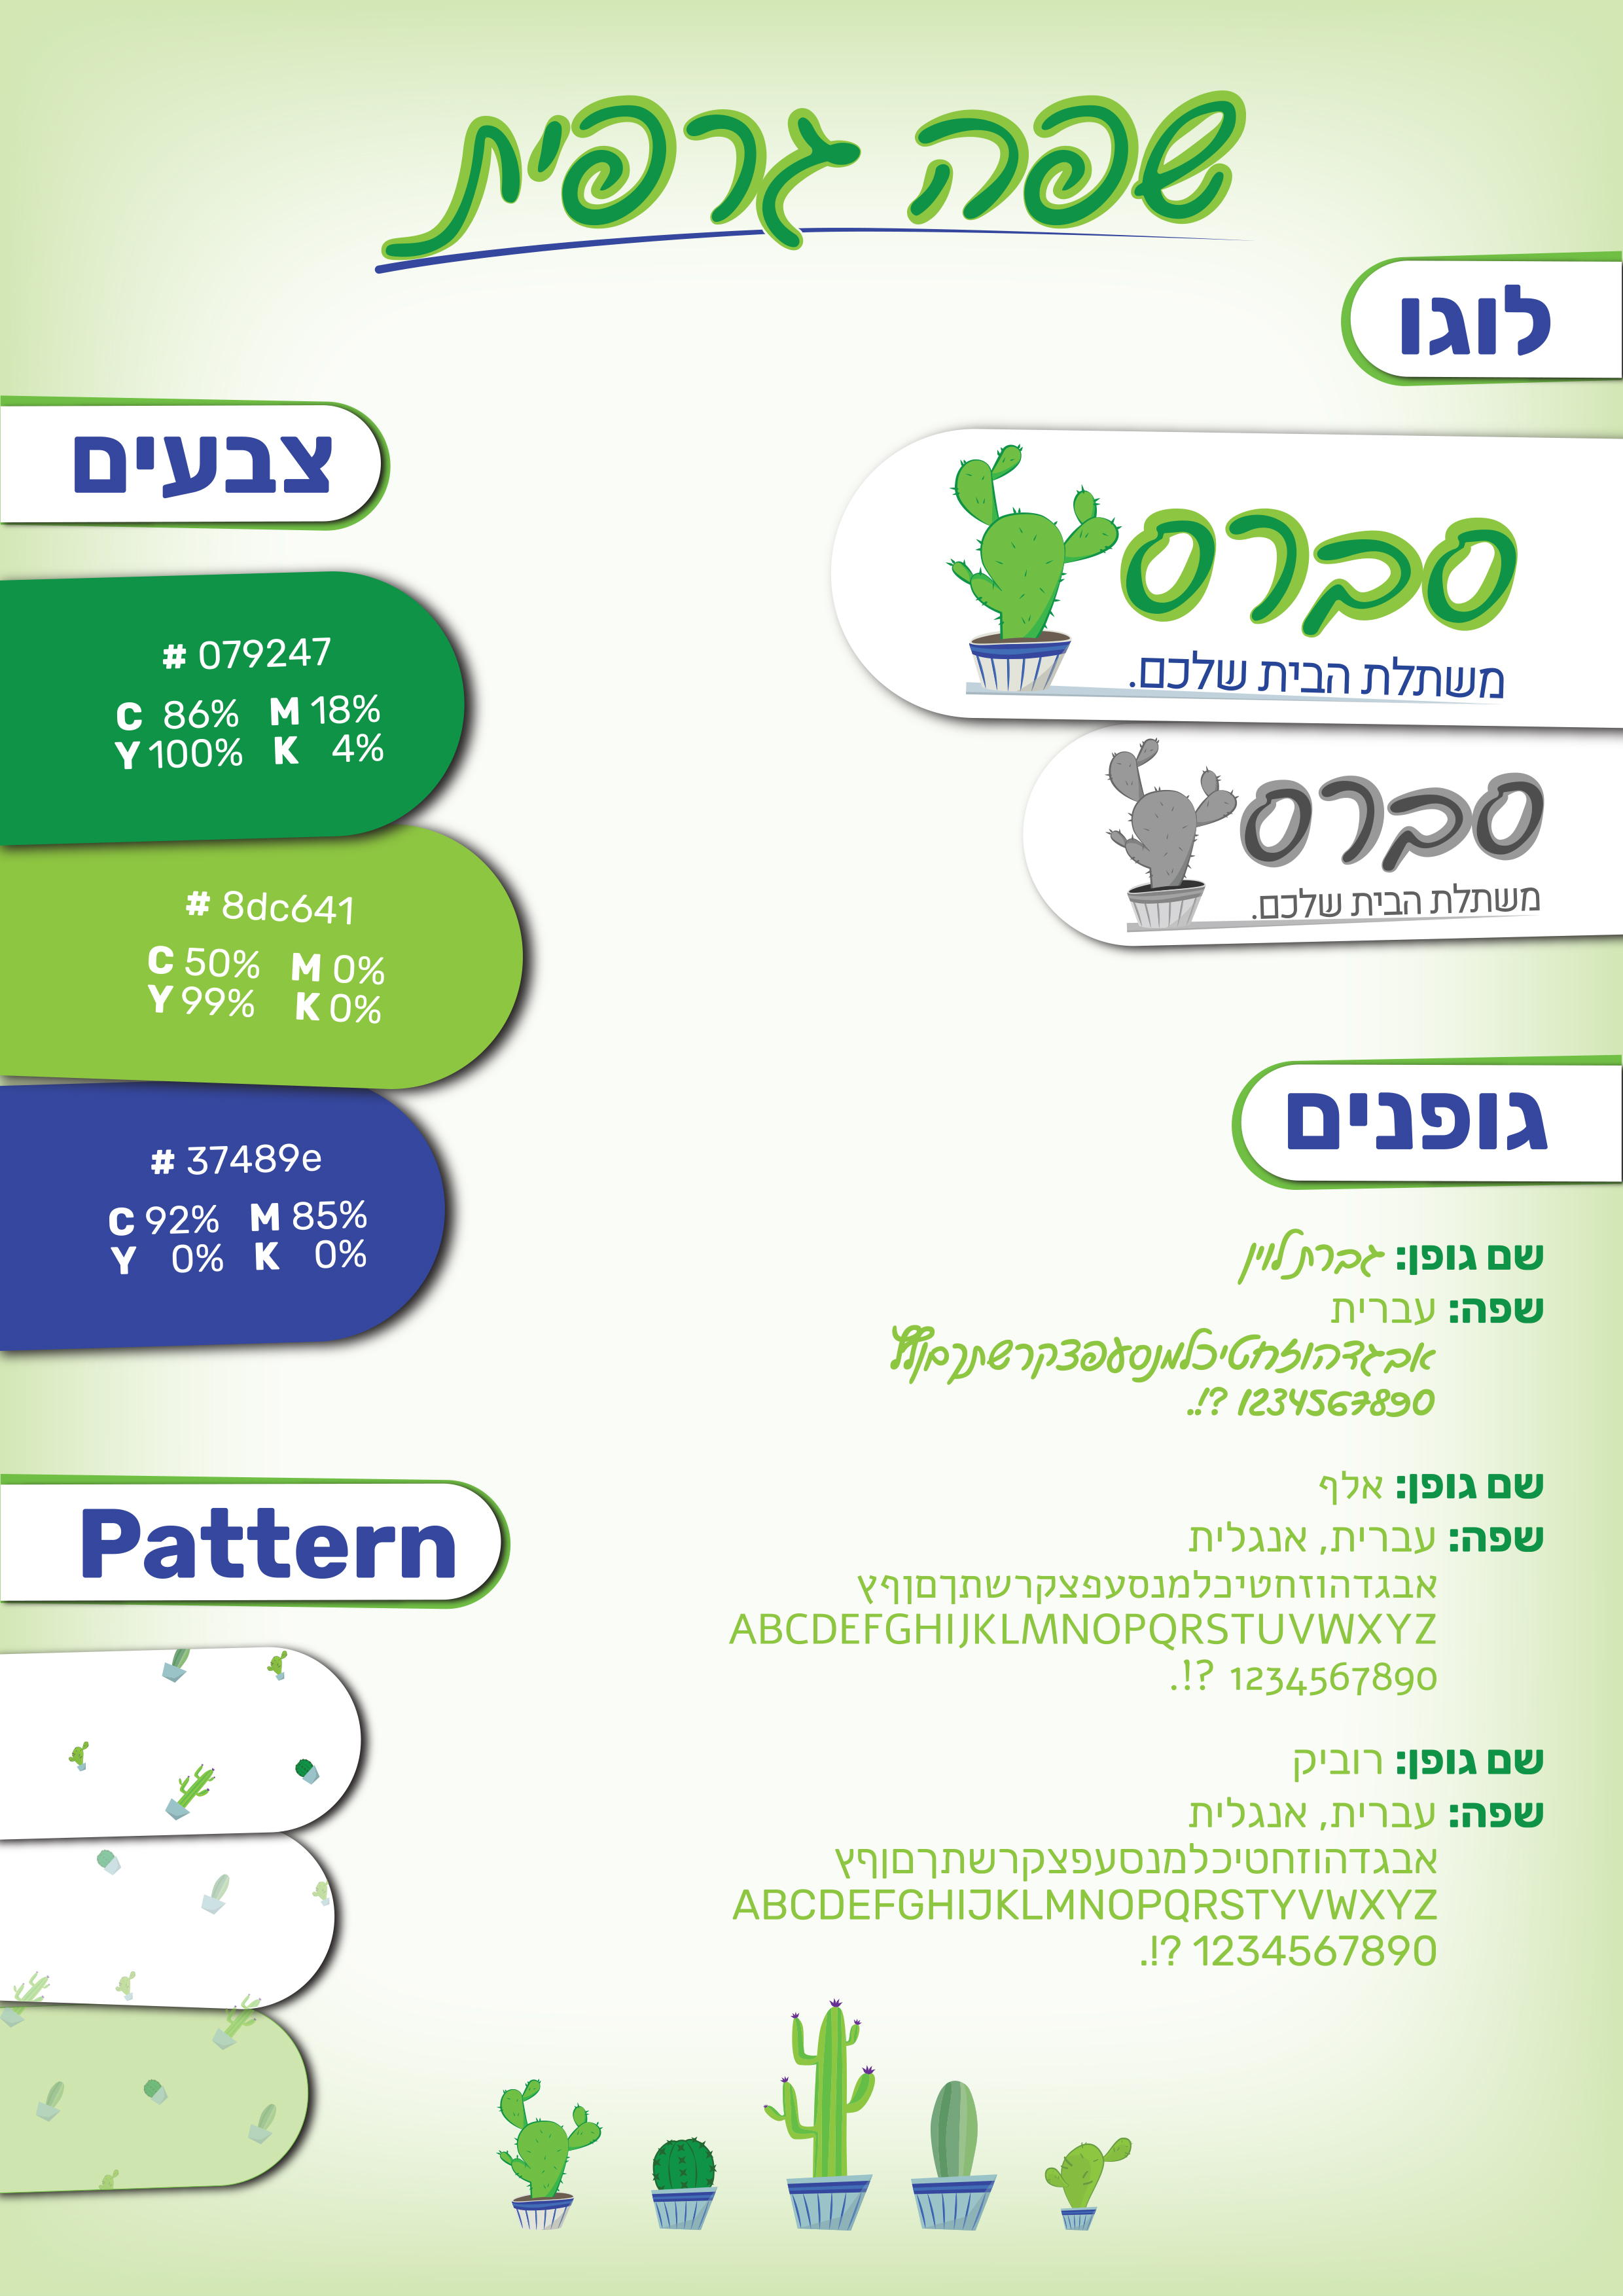 עיצוב שפה גרפית - אביב שליסר עמרי